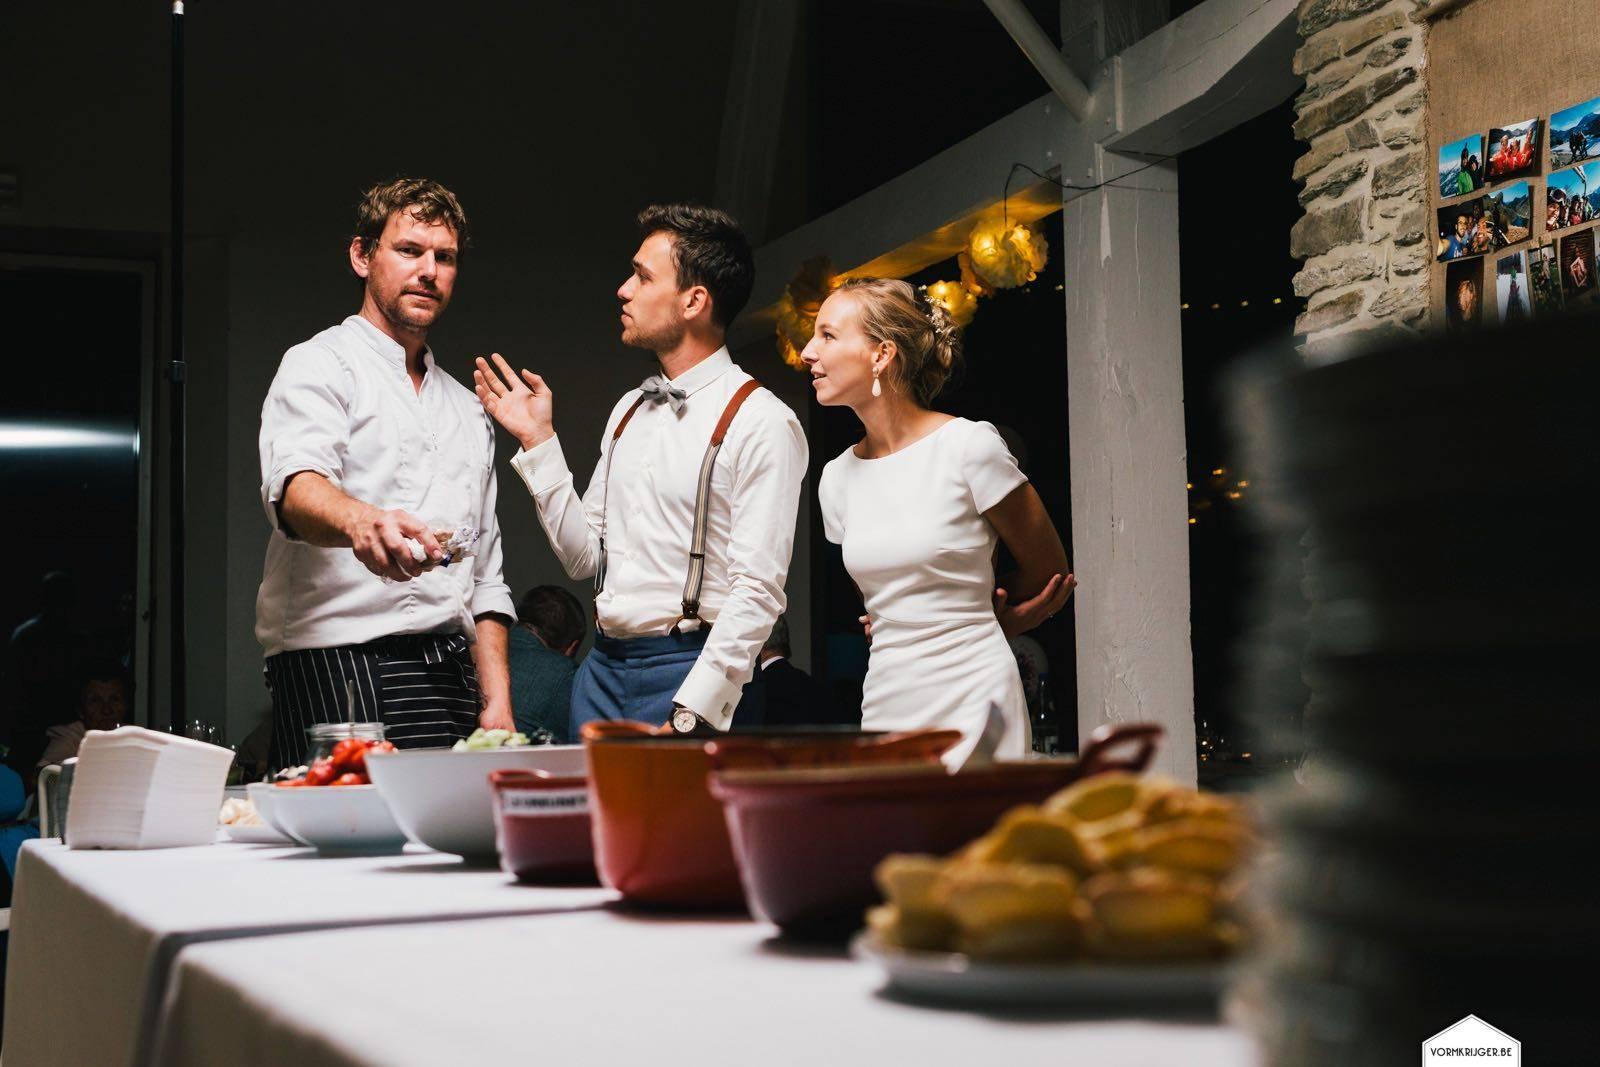 Bring it On - Catering - Fotograaf Vormkrijger - House of Weddings - 2